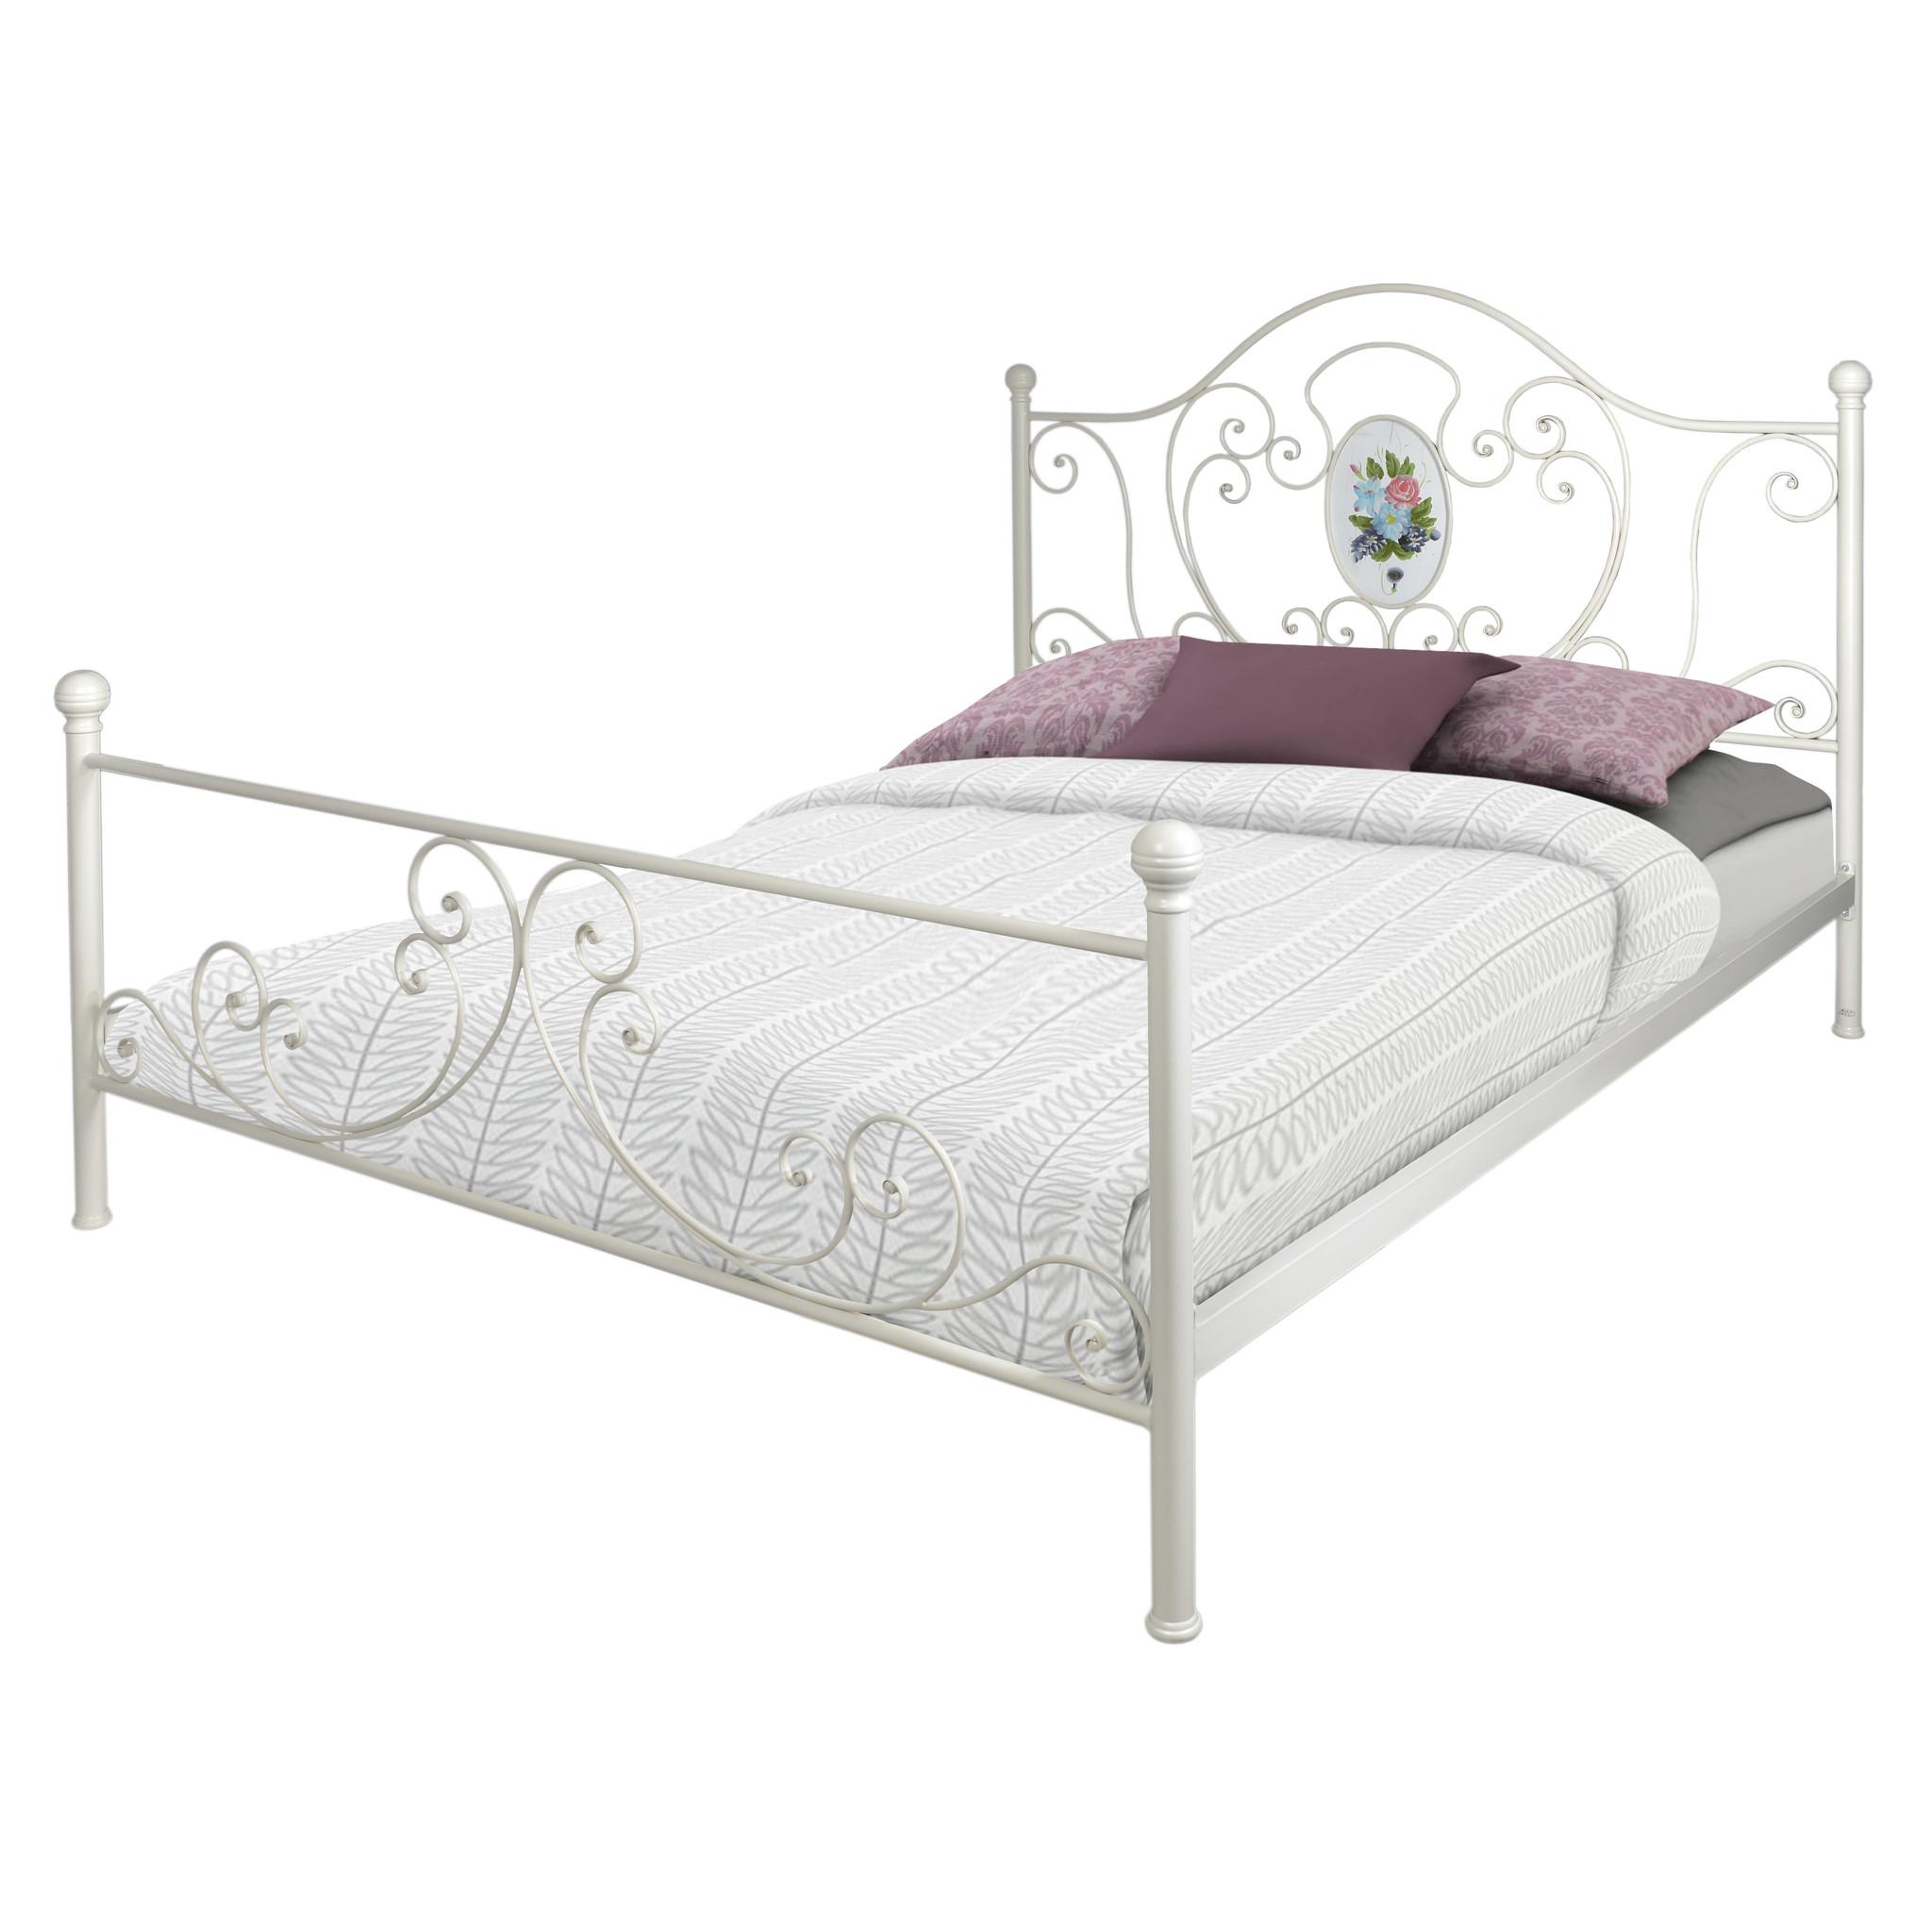 Кровать South HamsКованые и металлические кровати<br>размеры спального места 160 Х 200<br><br>Material: Металл<br>Ширина см: 202<br>Высота см: 122<br>Глубина см: 161